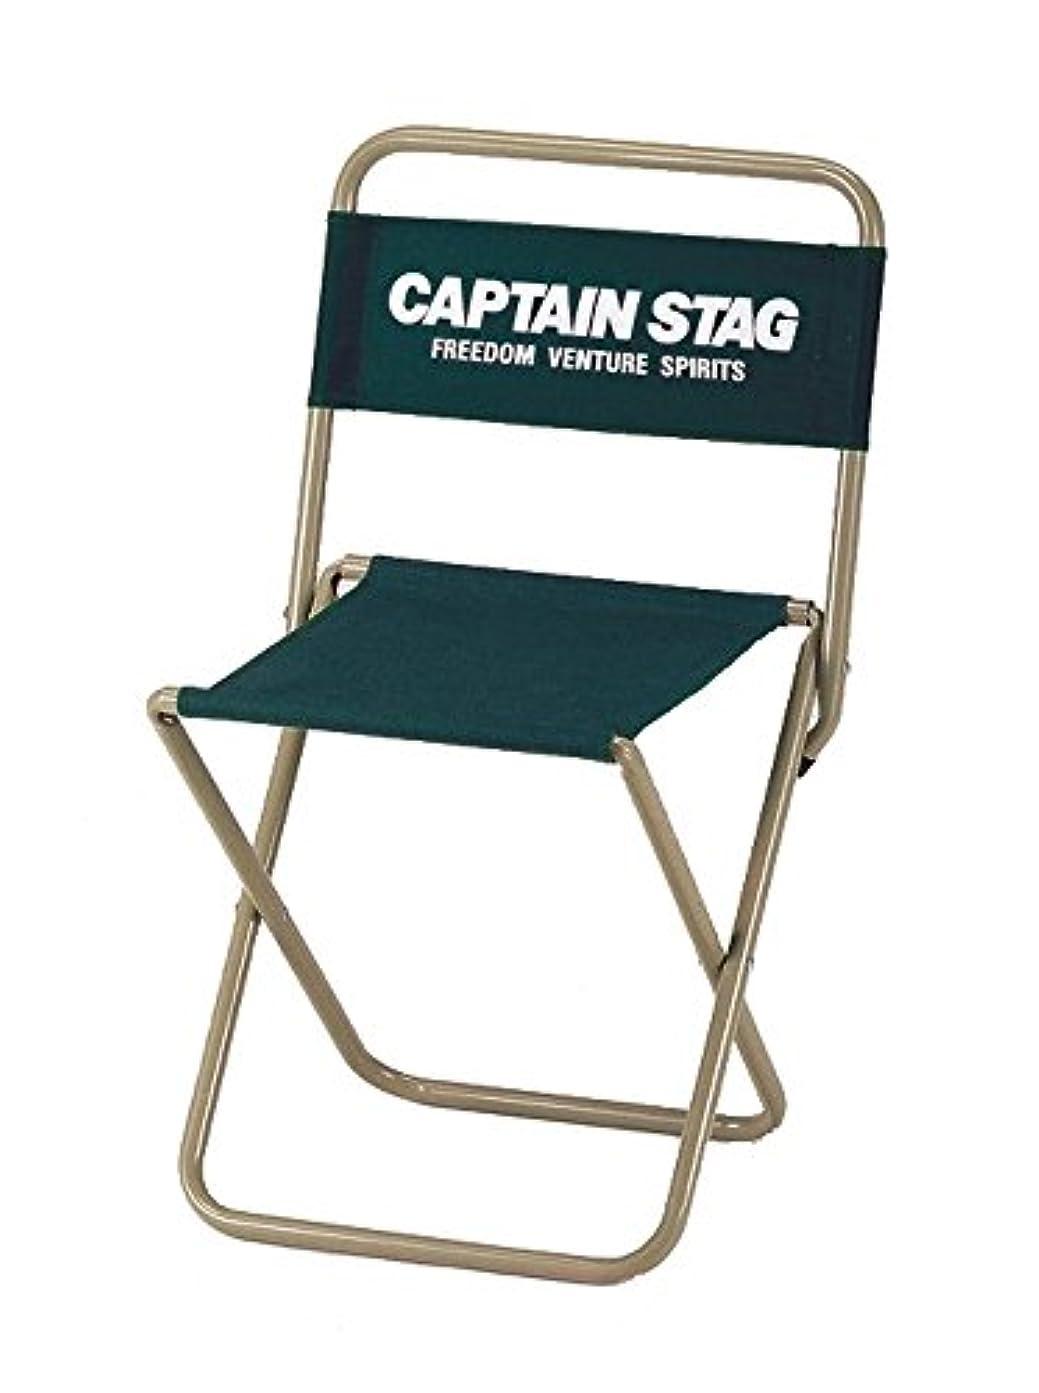 レベル航空買収キャプテンスタッグ(CAPTAIN STAG) チェア CS レジャー チェア 大 type2 グリーン UC-1598